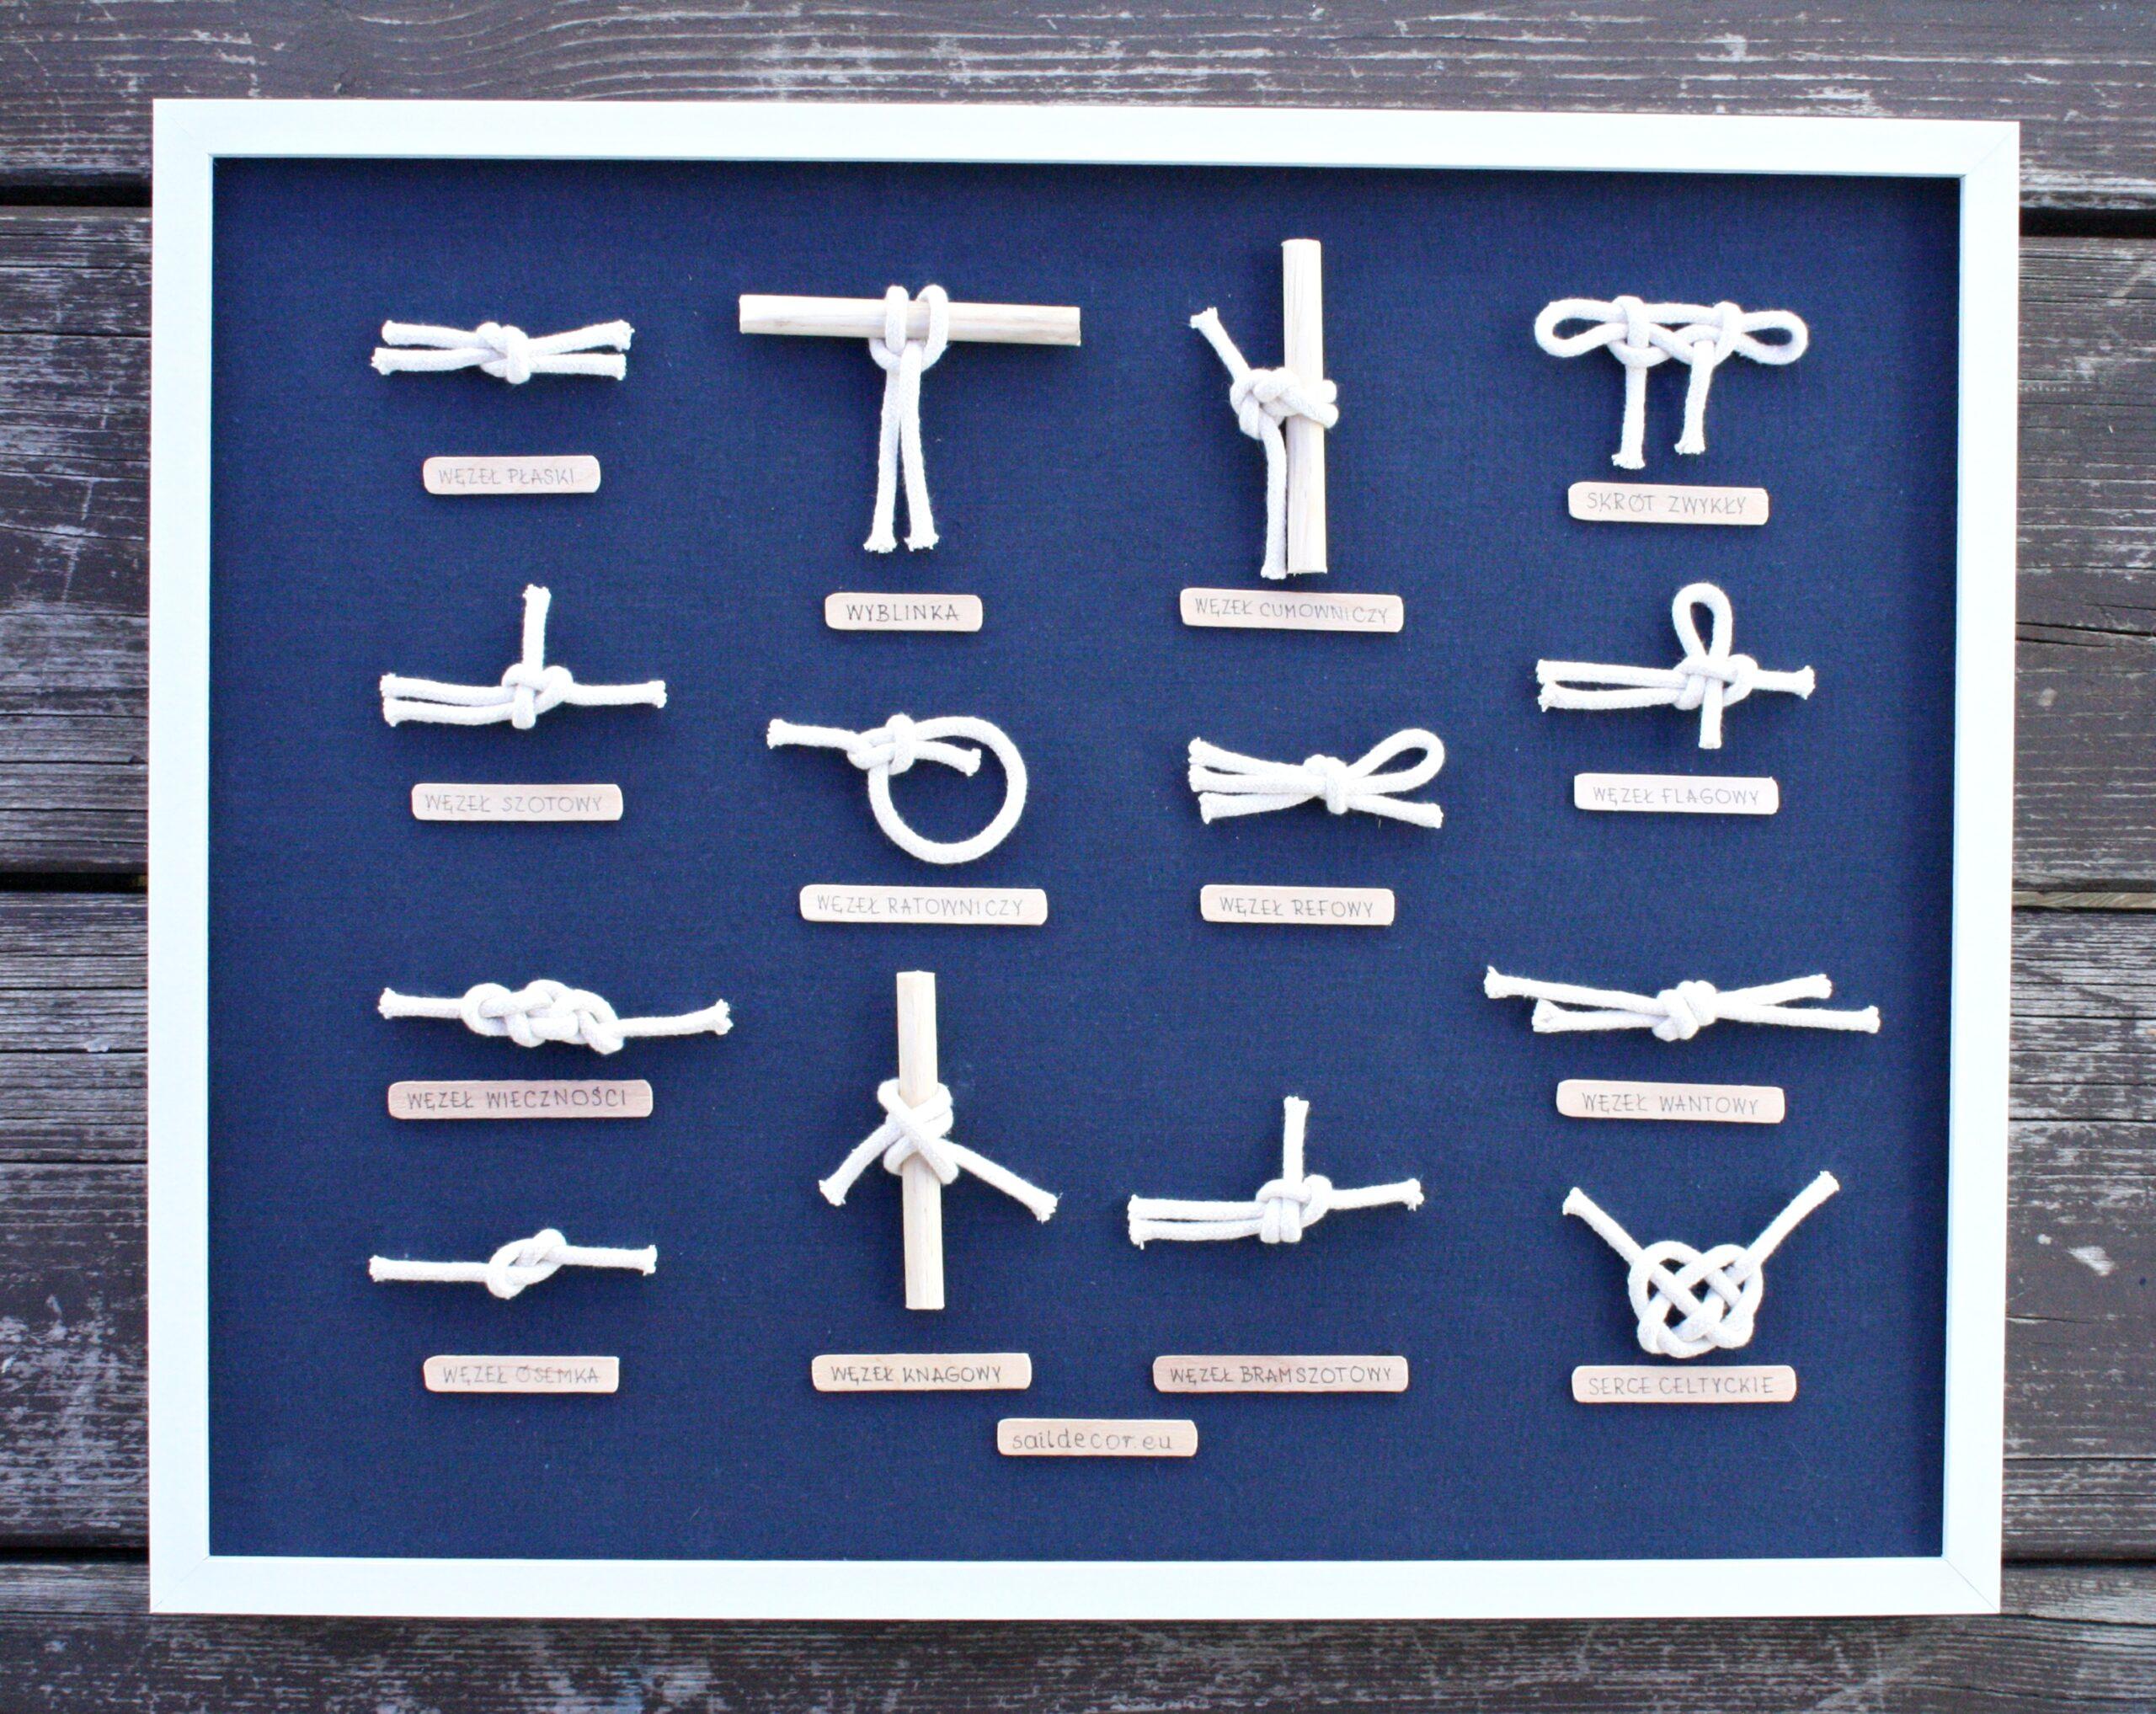 gablota tablica z węzłami żeglarskimi